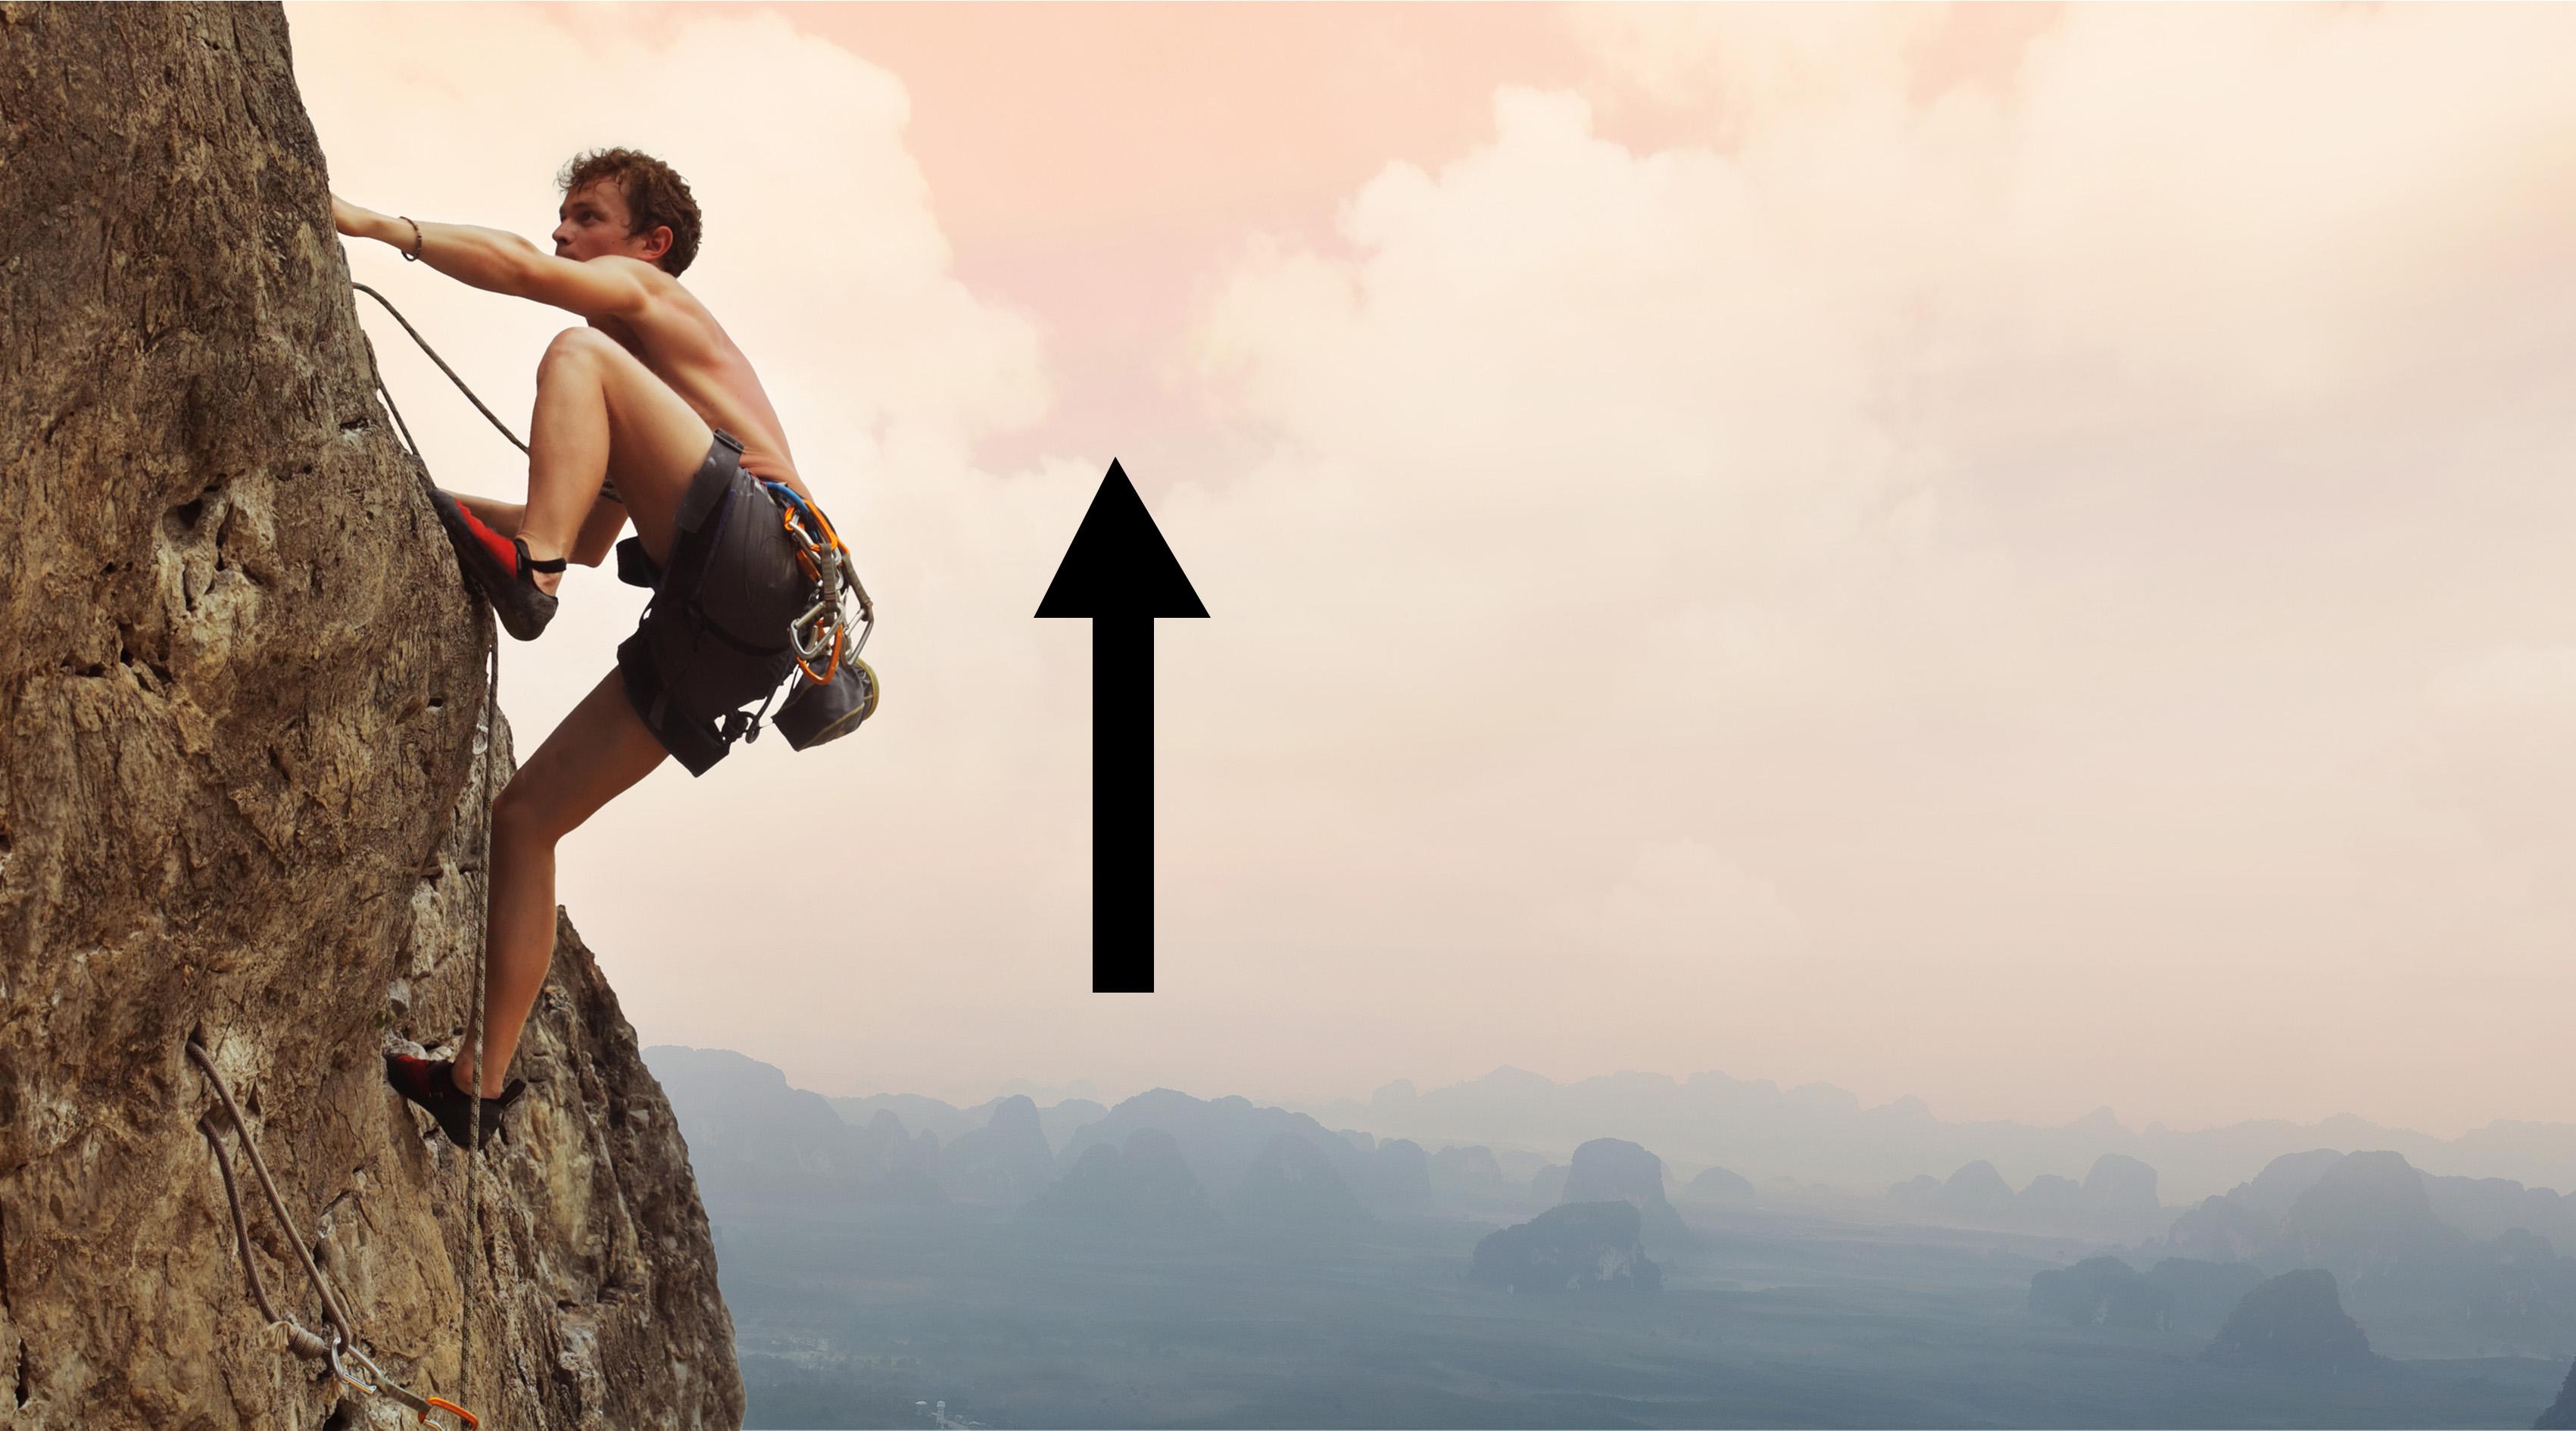 Hombre escalando una montaña